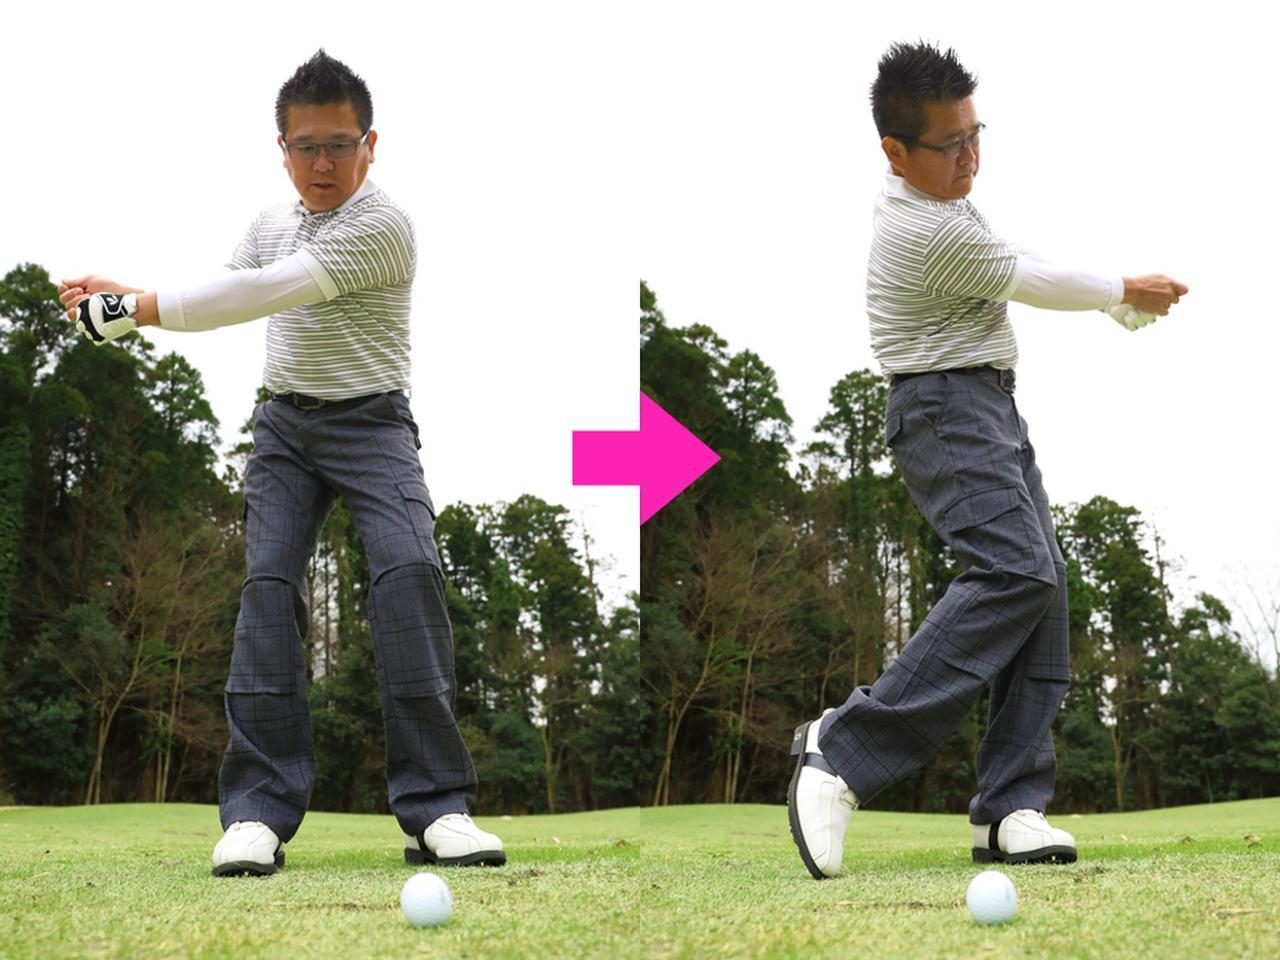 画像: 100%左体重でインパクトする。それを実現するのが右脚の押し込み